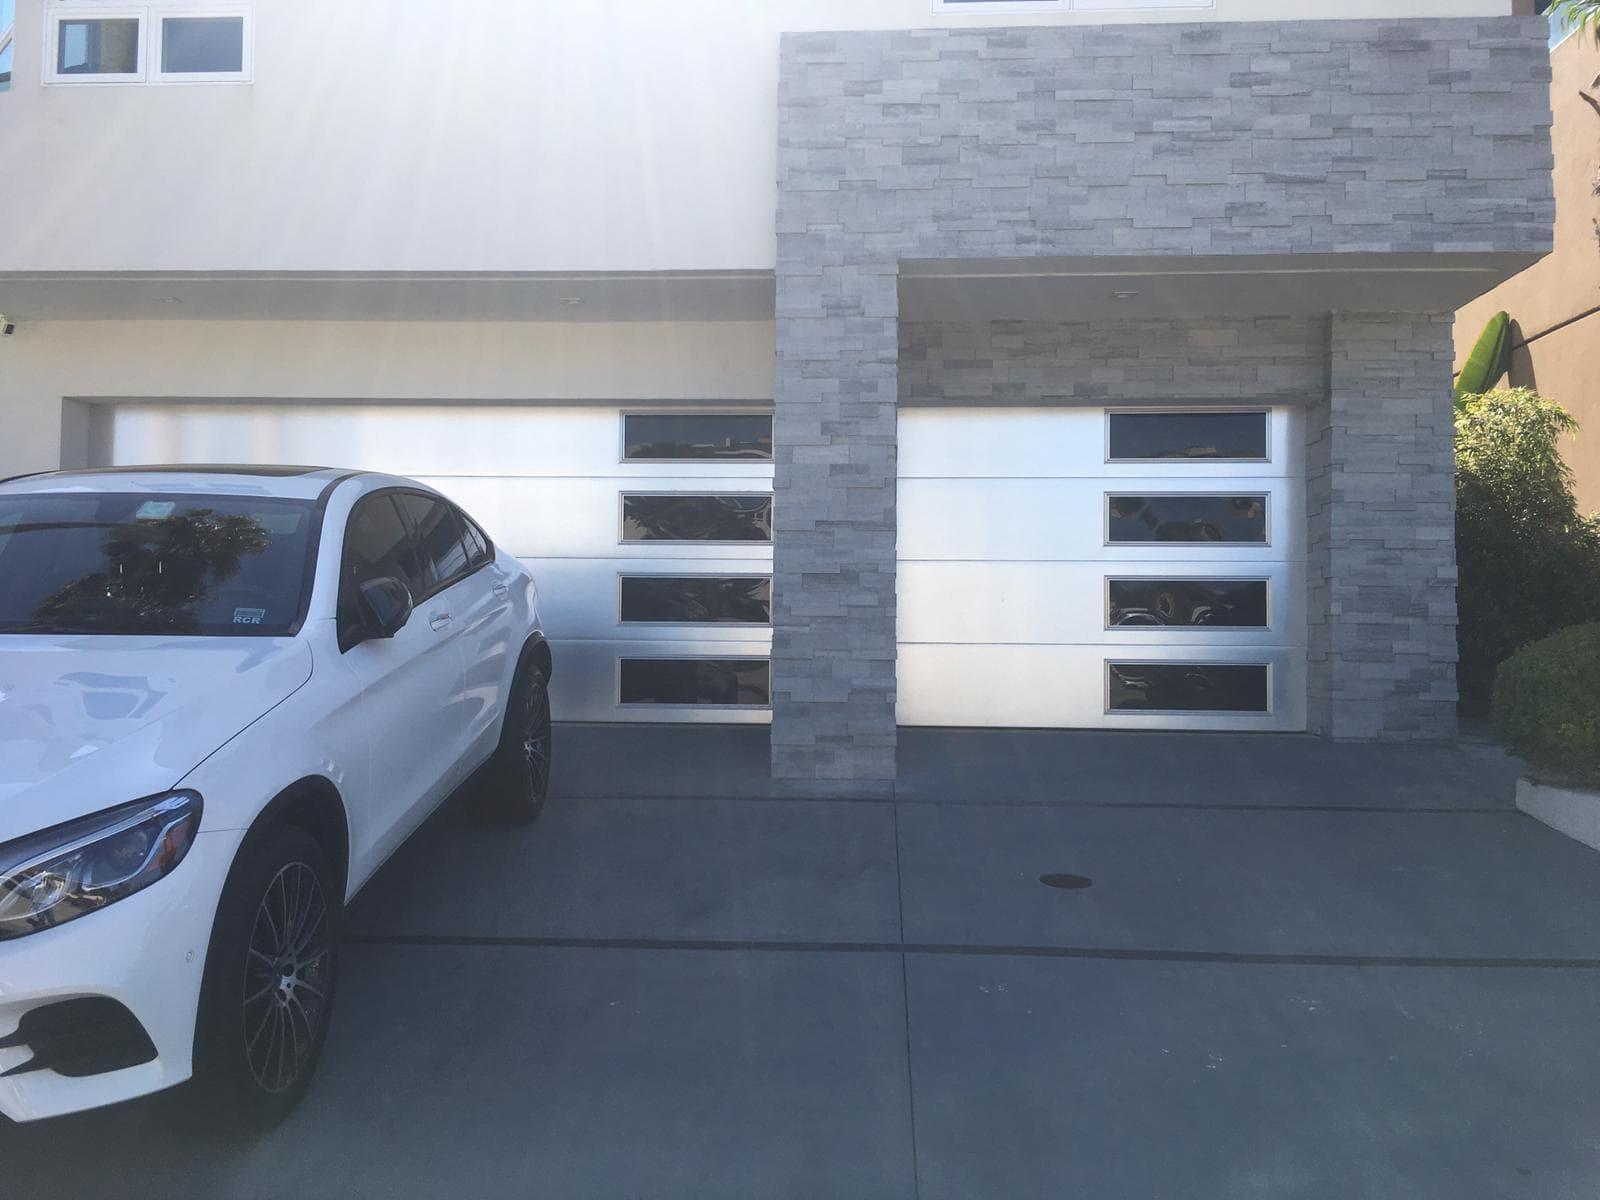 Woodbridge Garage door repair and replacement